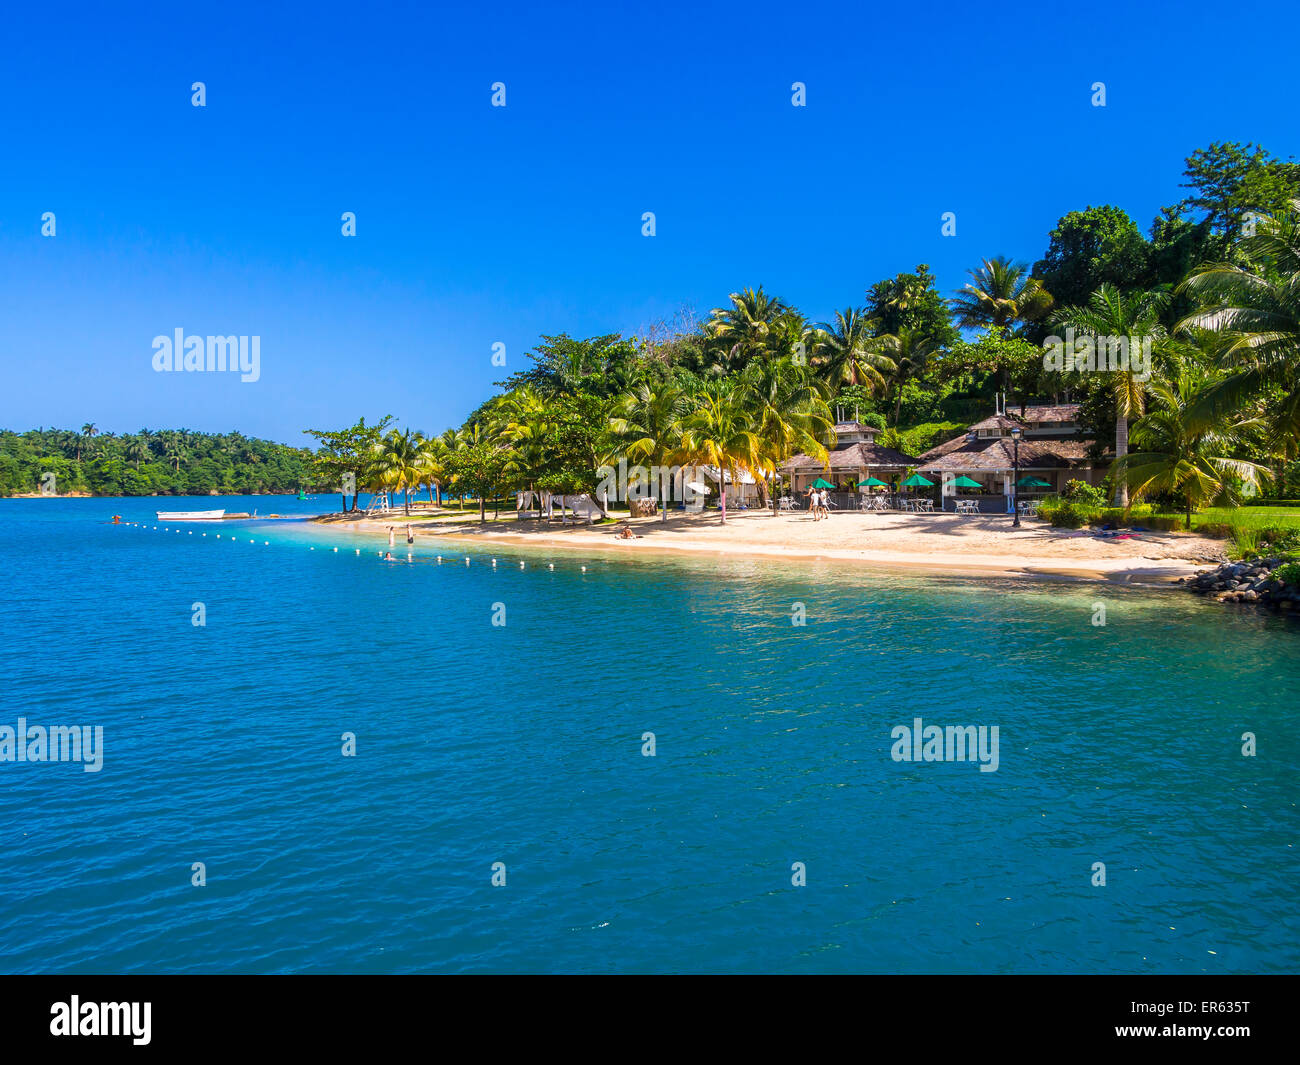 Plage des Caraïbes avec des palmiers, Erol Flynn Marina, Port Antonio, région de Portland, Grandes Antilles, Jamaïque Banque D'Images